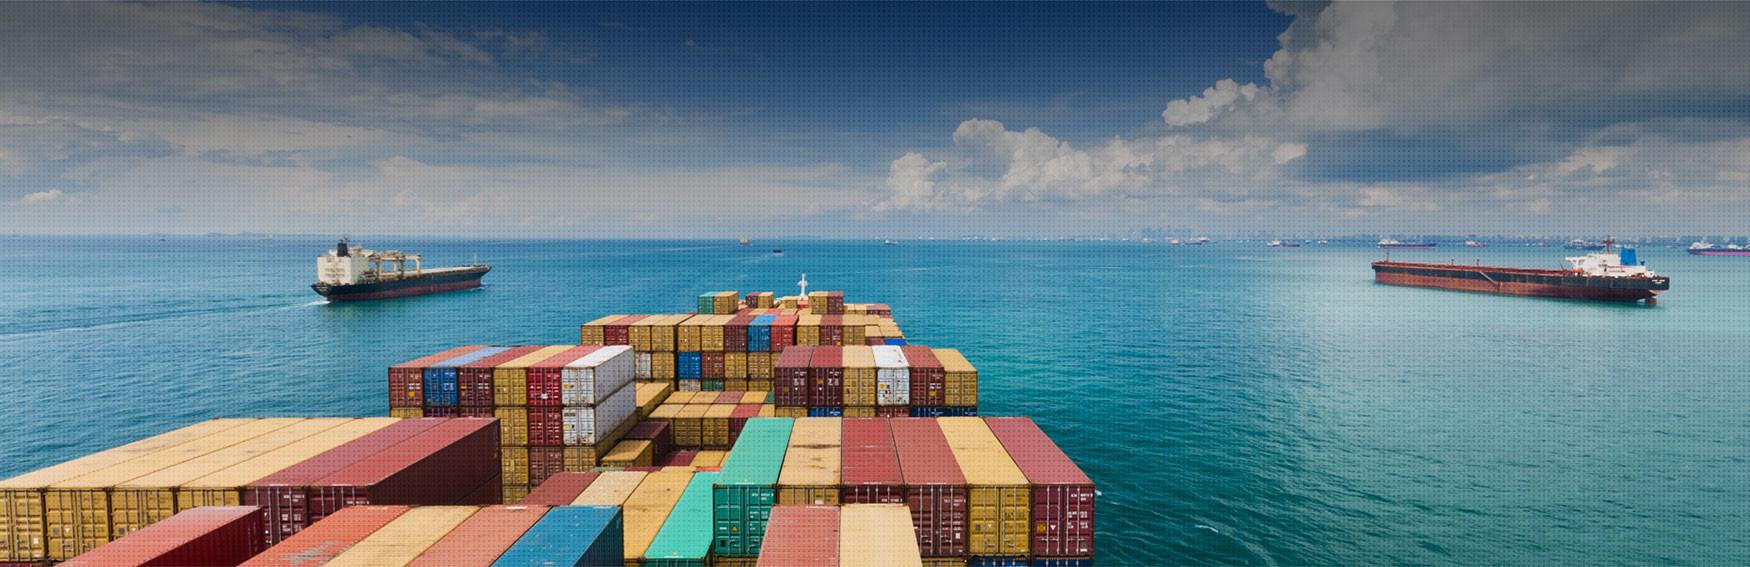 CAMEX reduz imposto de importação do cinco produtos por desabastecimento interno